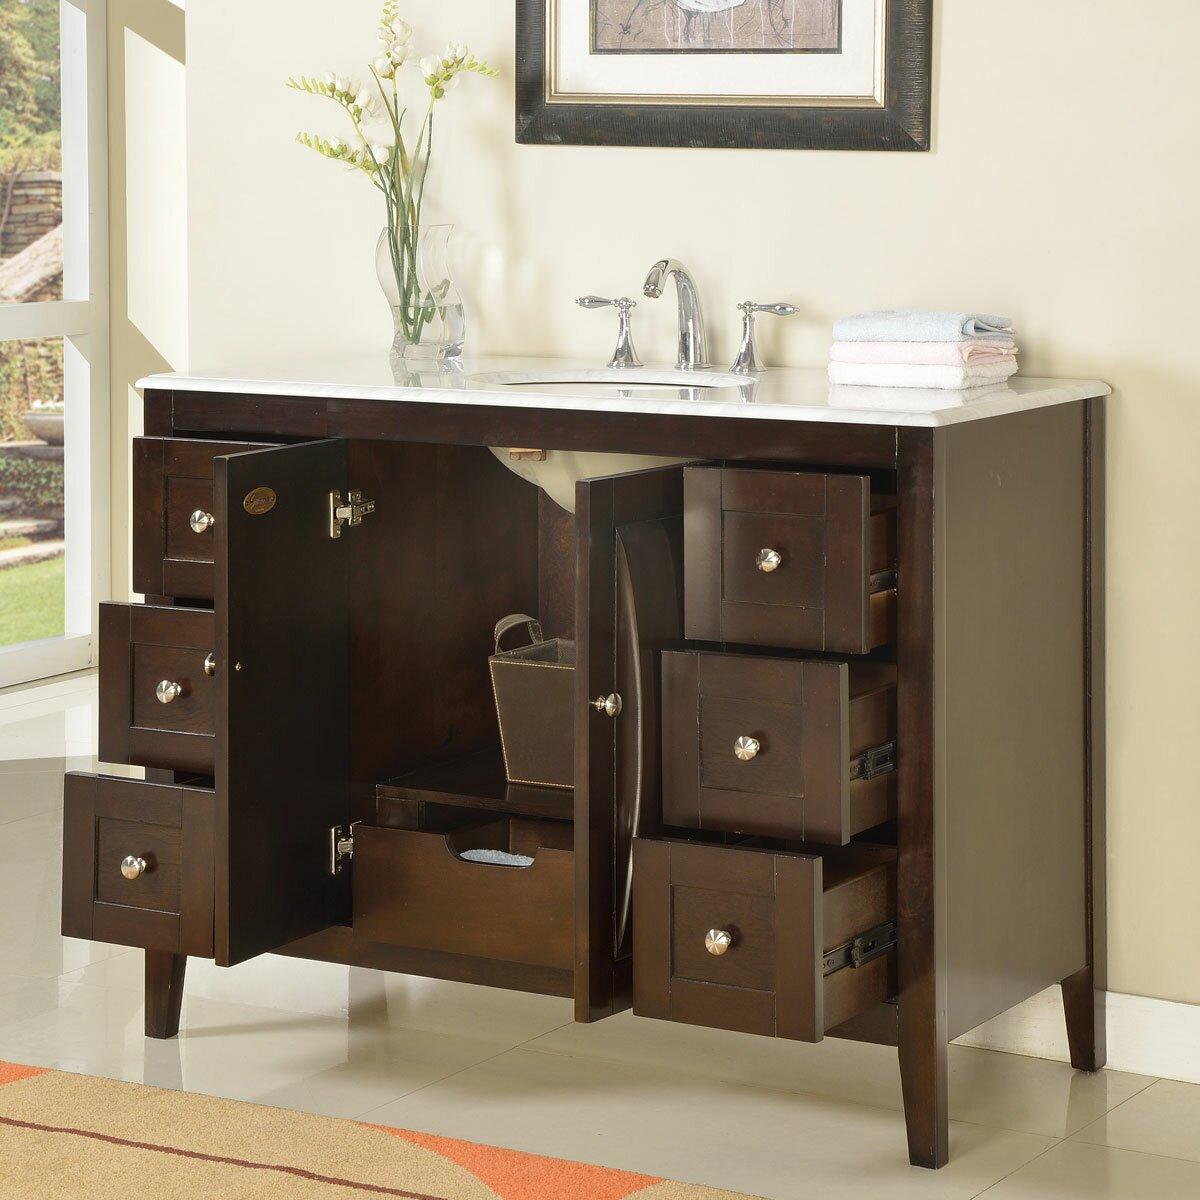 Silkroad exclusive 48 single sink cabinet bathroom vanity set reviews wayfair for Silkroad bathroom vanity reviews